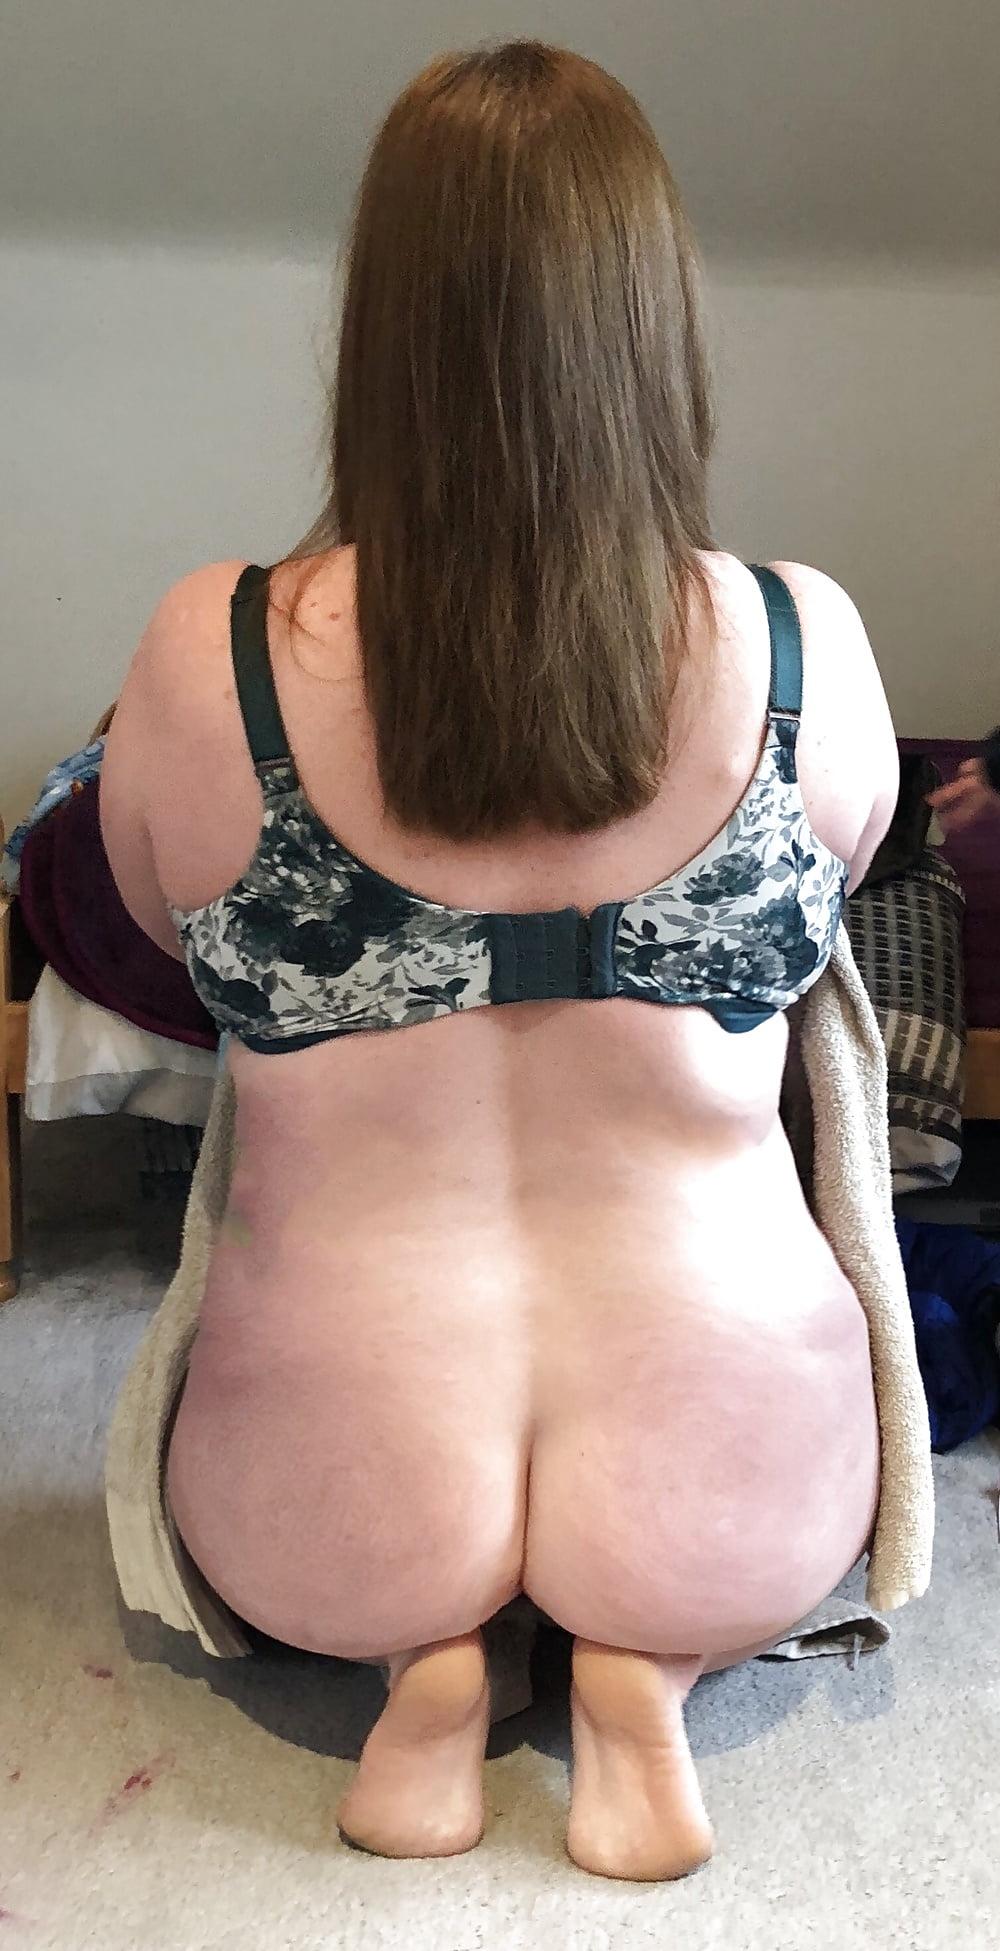 Hot naked tits pics-8947